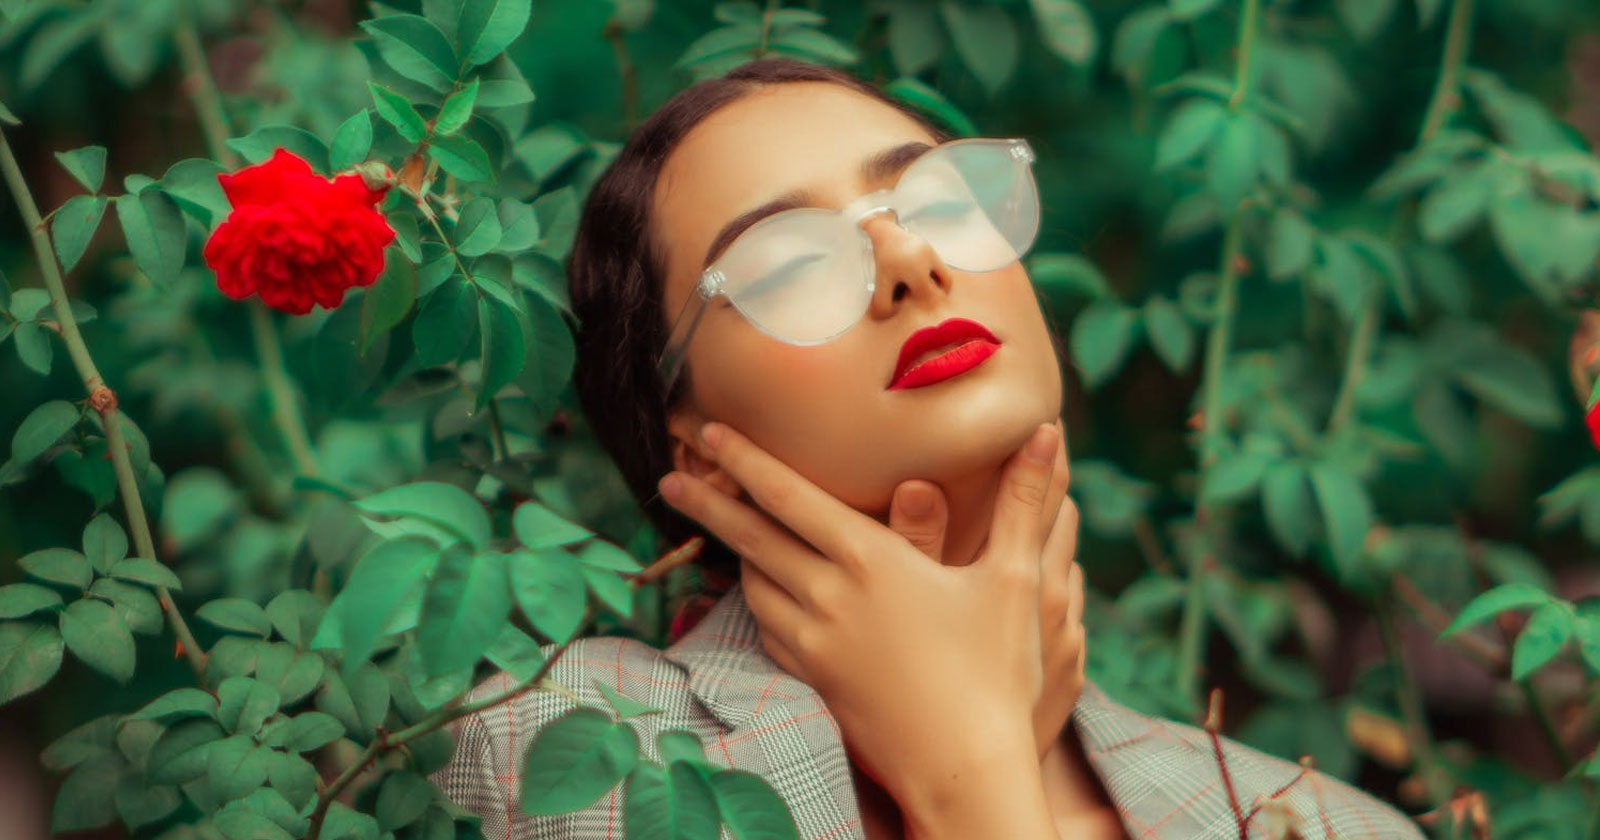 America's Best Eyeglasses Near Me | Prescription Glasses